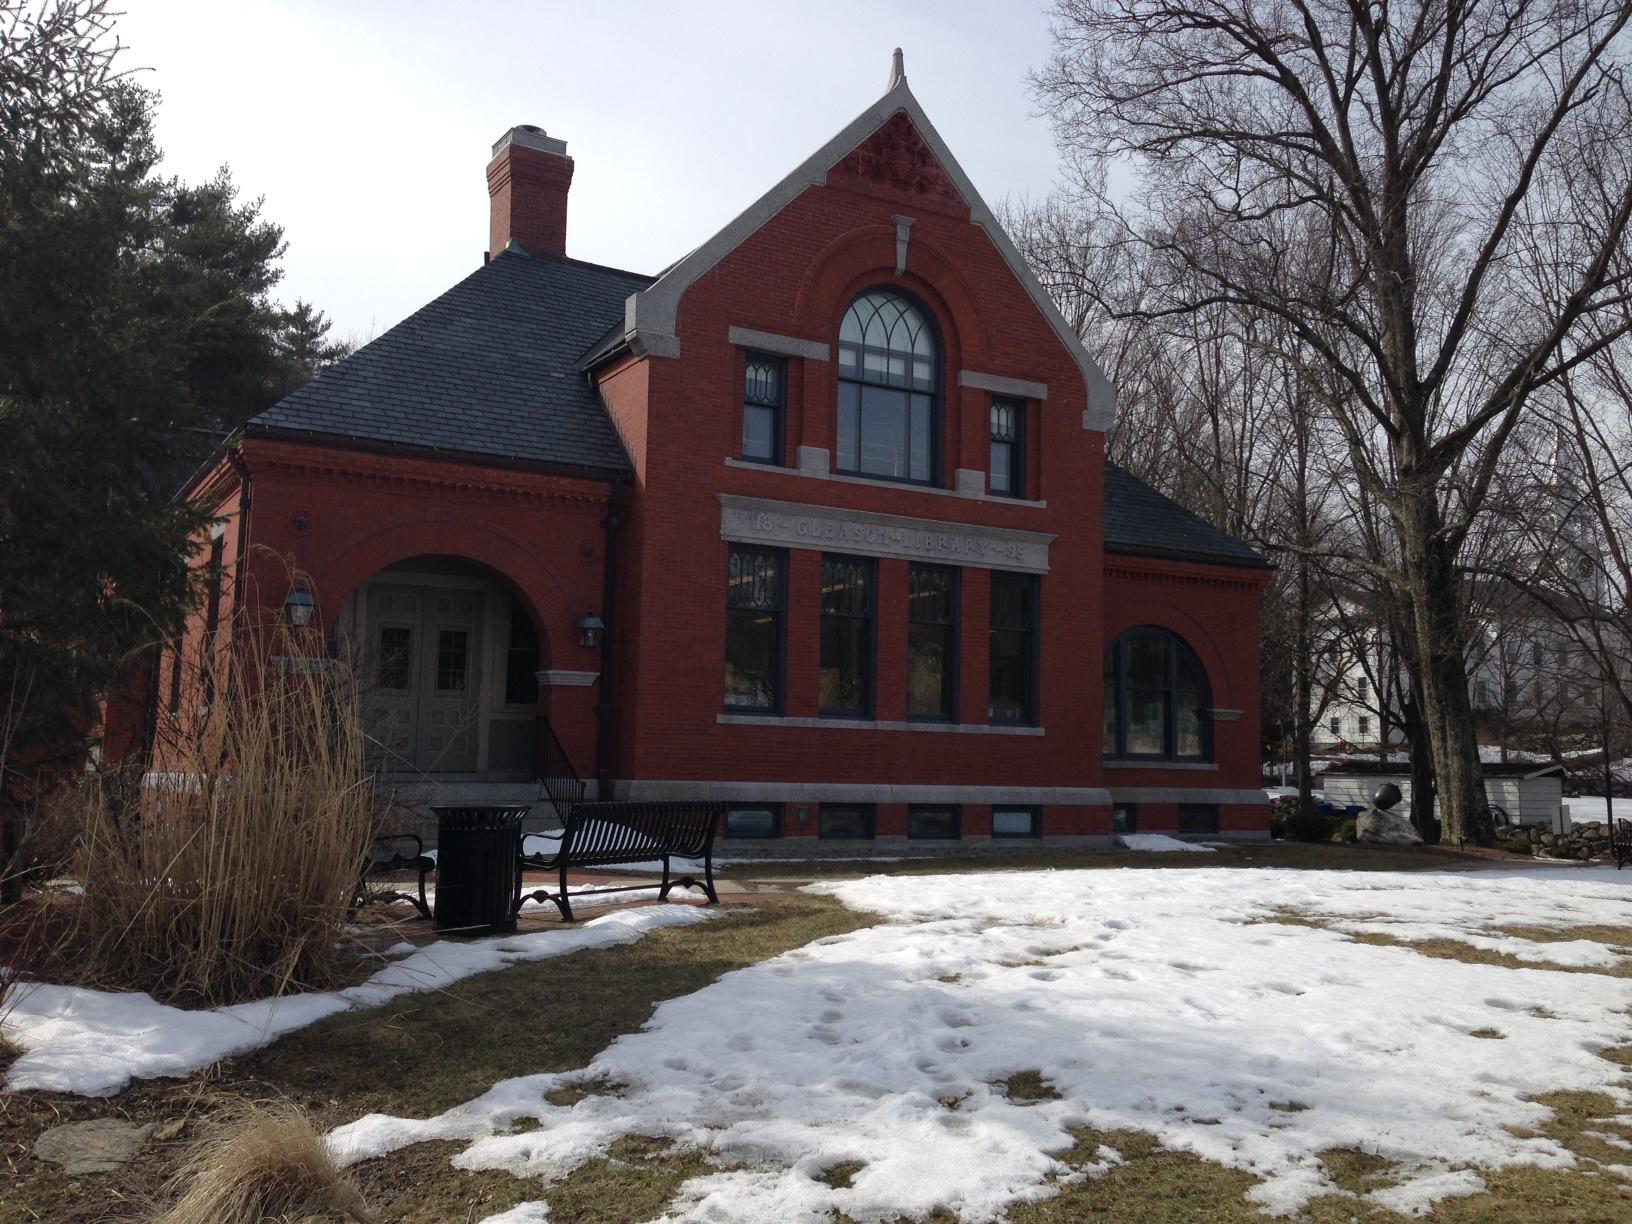 Carlisle, MA Real Estate - Gleason Public Library